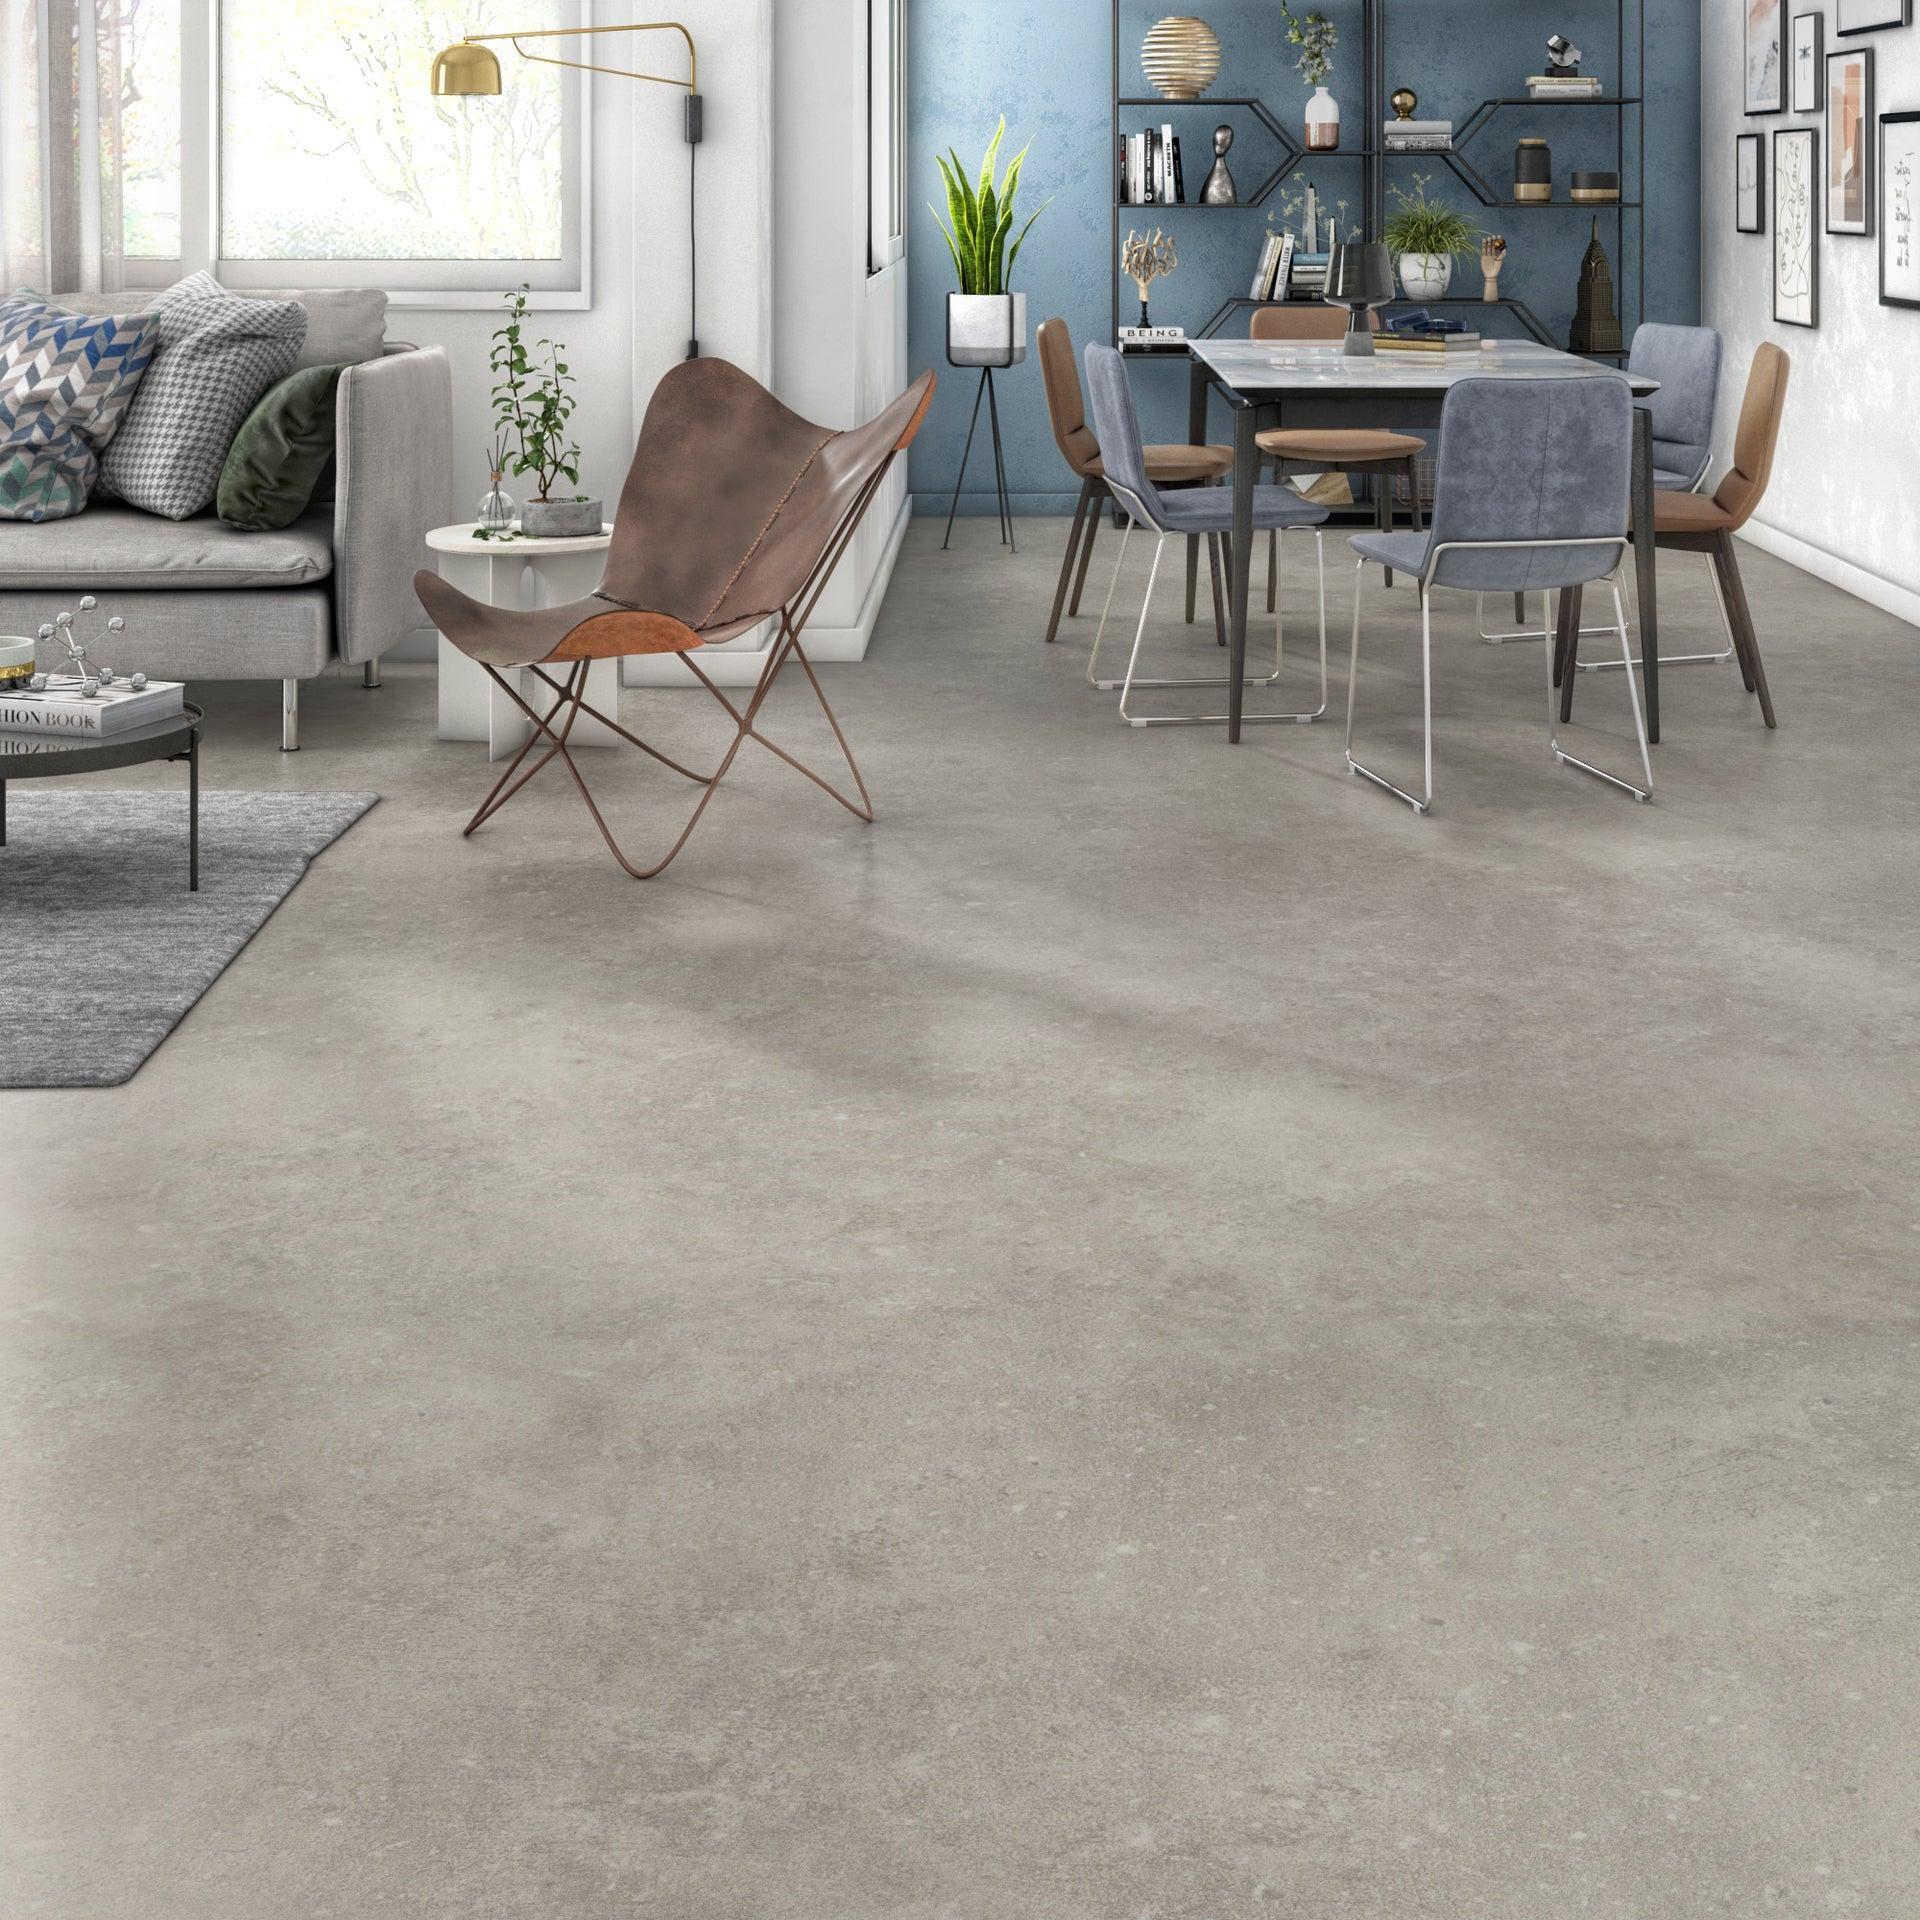 Sol PVC GERFLOR effet béton gris / argent léone Livraison incluse l.9 m